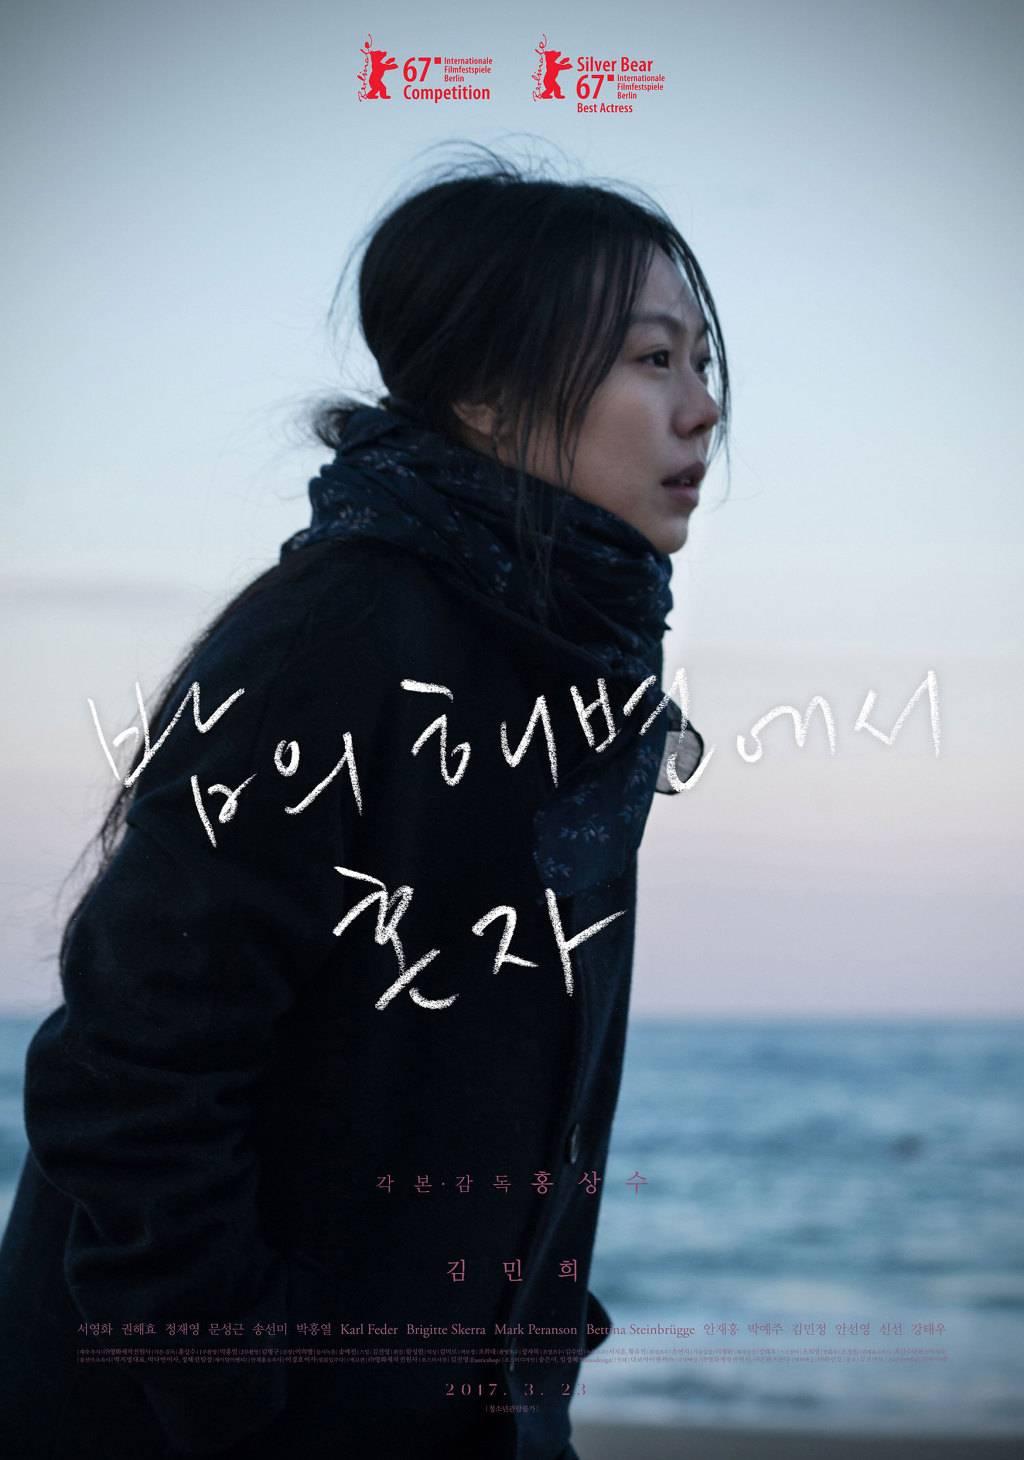 영화 평론가 '이동진'의 영화 감독 '홍상수' 작품 한줄평과 별점 | 인스티즈